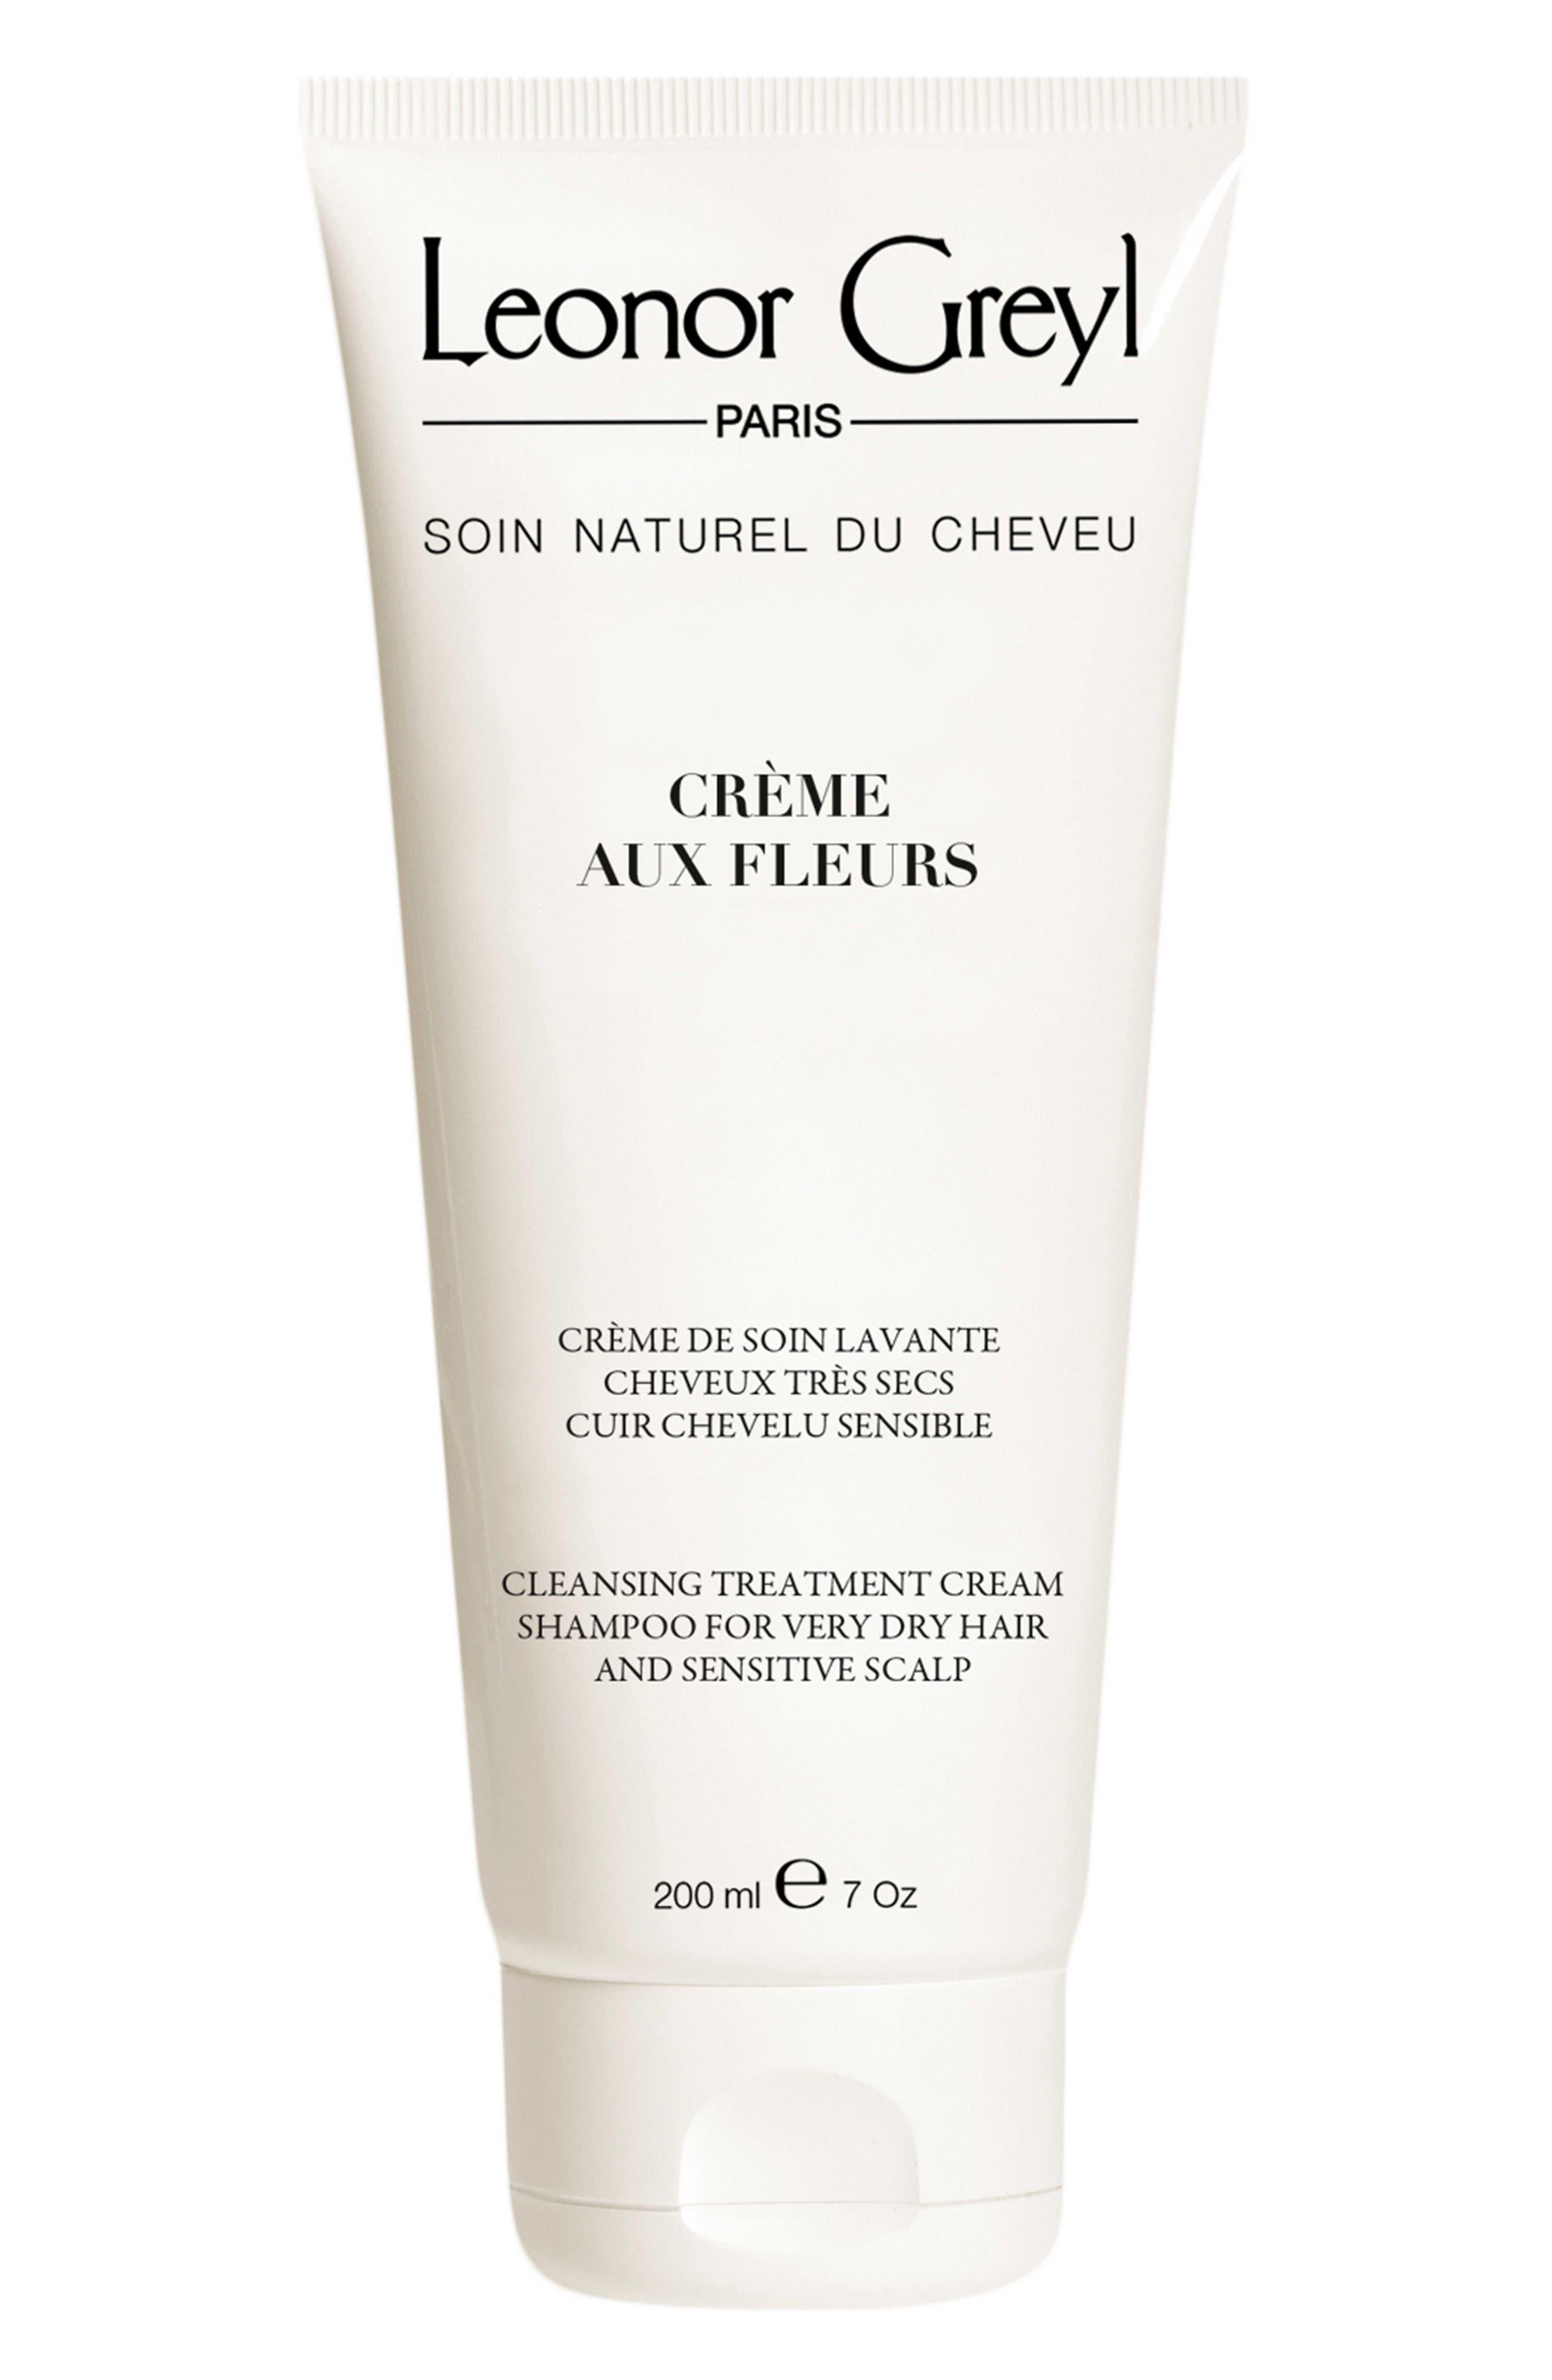 Leonor Greyl PARIS 'Crème Aux Fleurs' Cream Shampoo